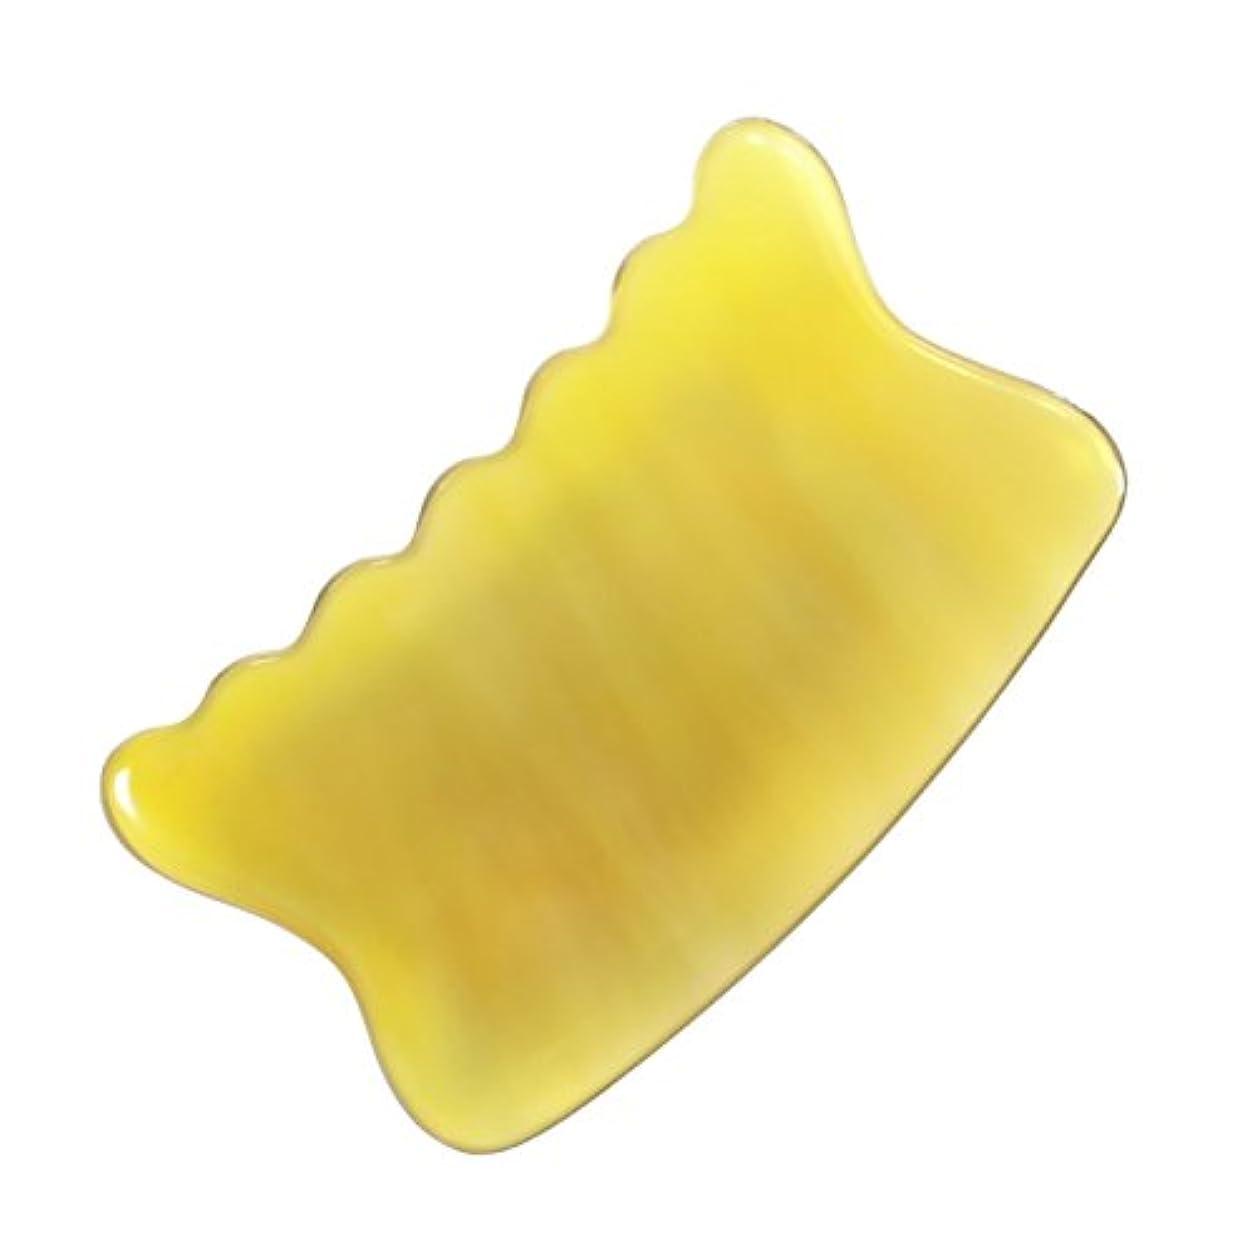 追い付く採用着飾るかっさ プレート 希少68 黄水牛角 極美品 曲波型